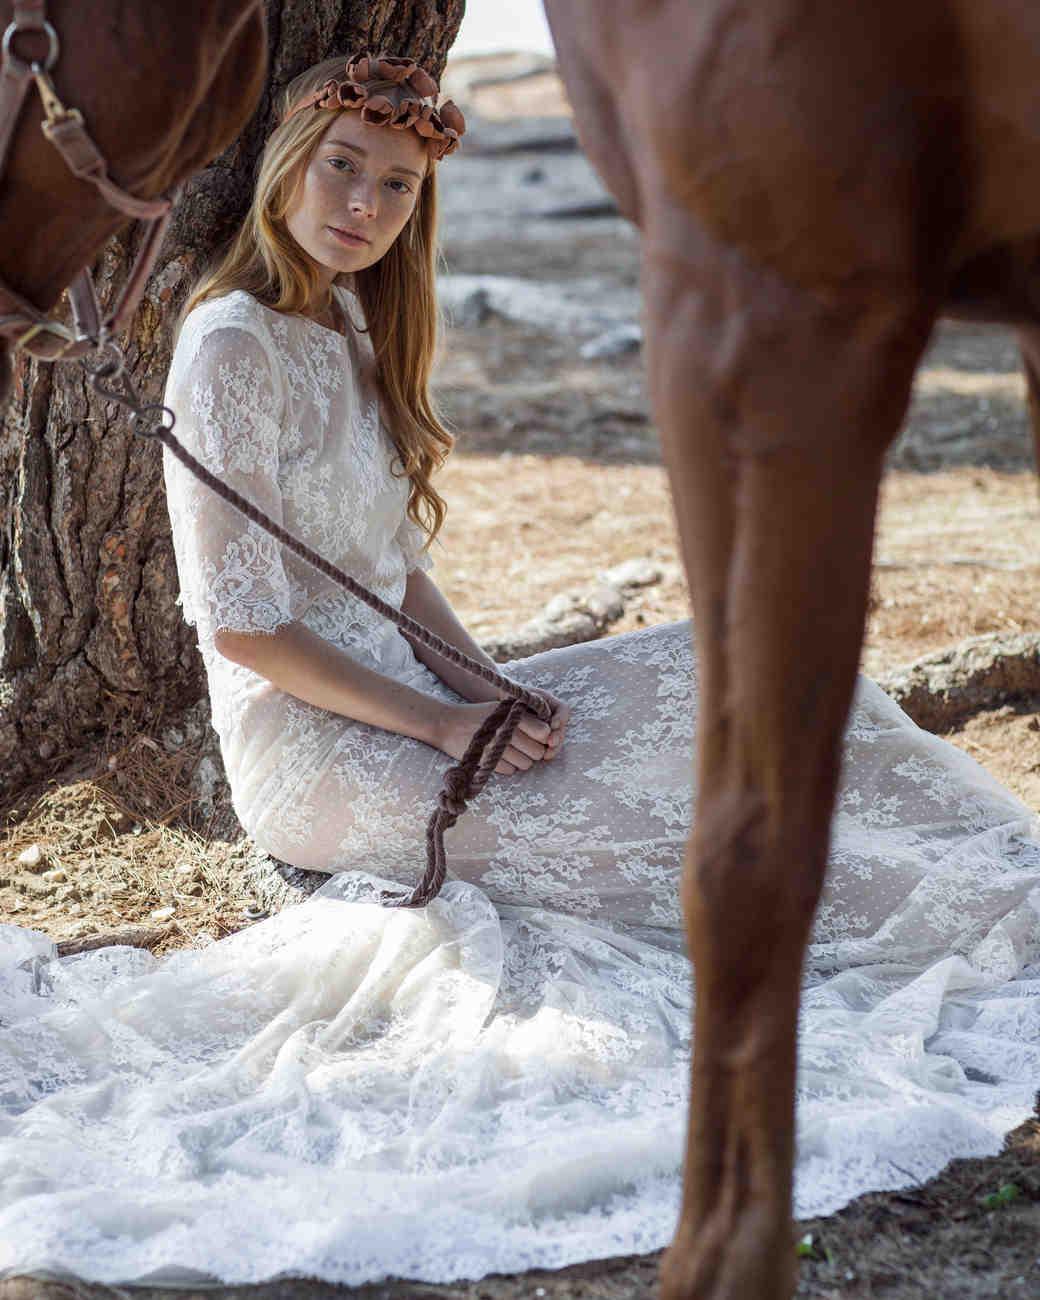 costarellos-fall2016-wedding-dress-16-36-top-16-36-skirt.jpg